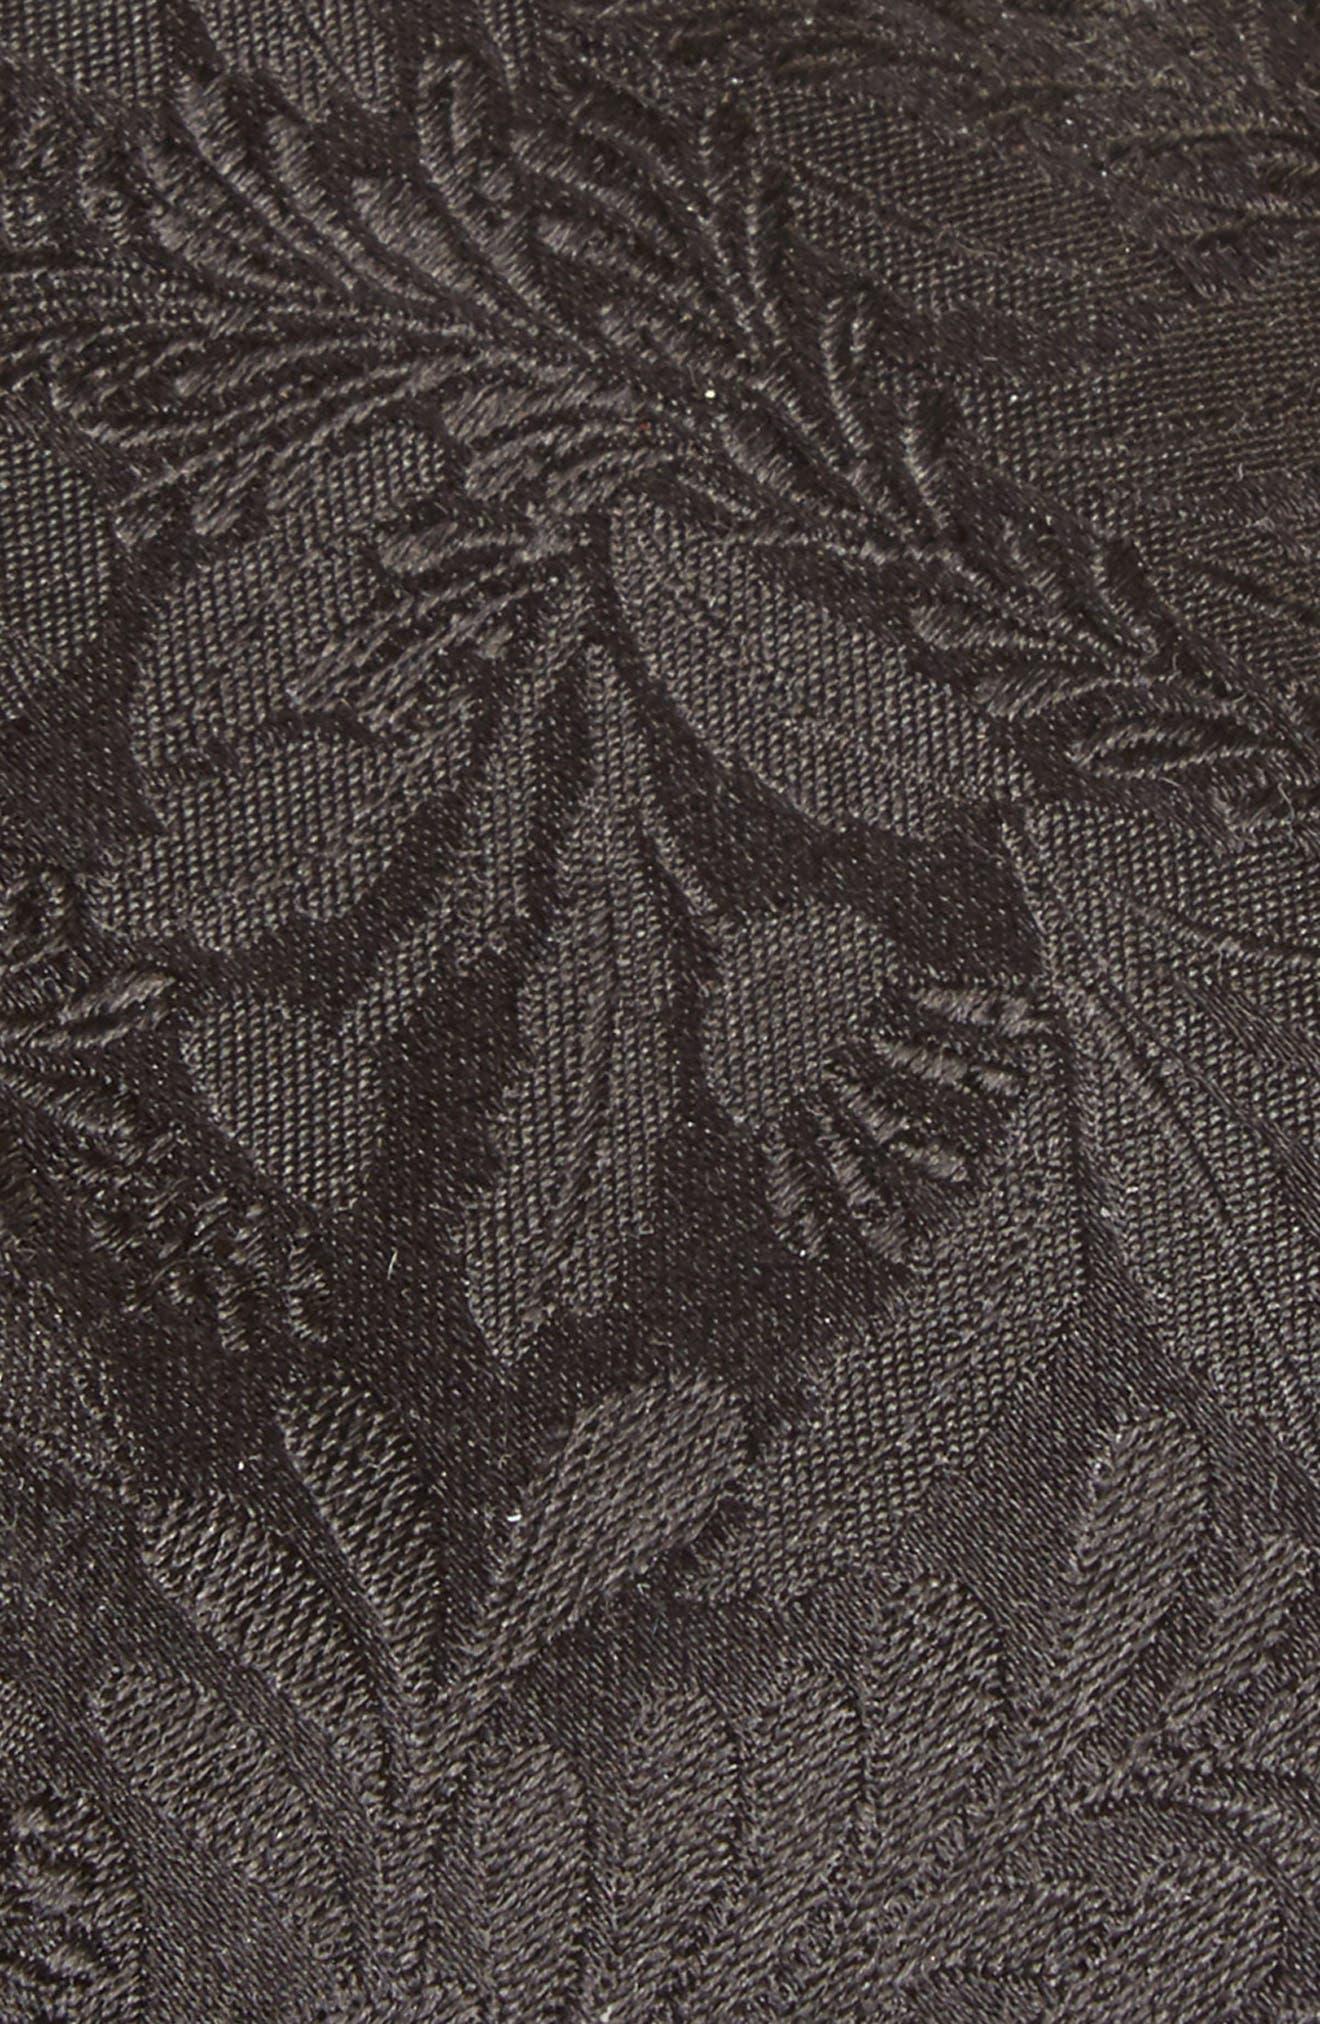 Alternate Image 2  - Paul Smith Tonal Floral Silk Tie